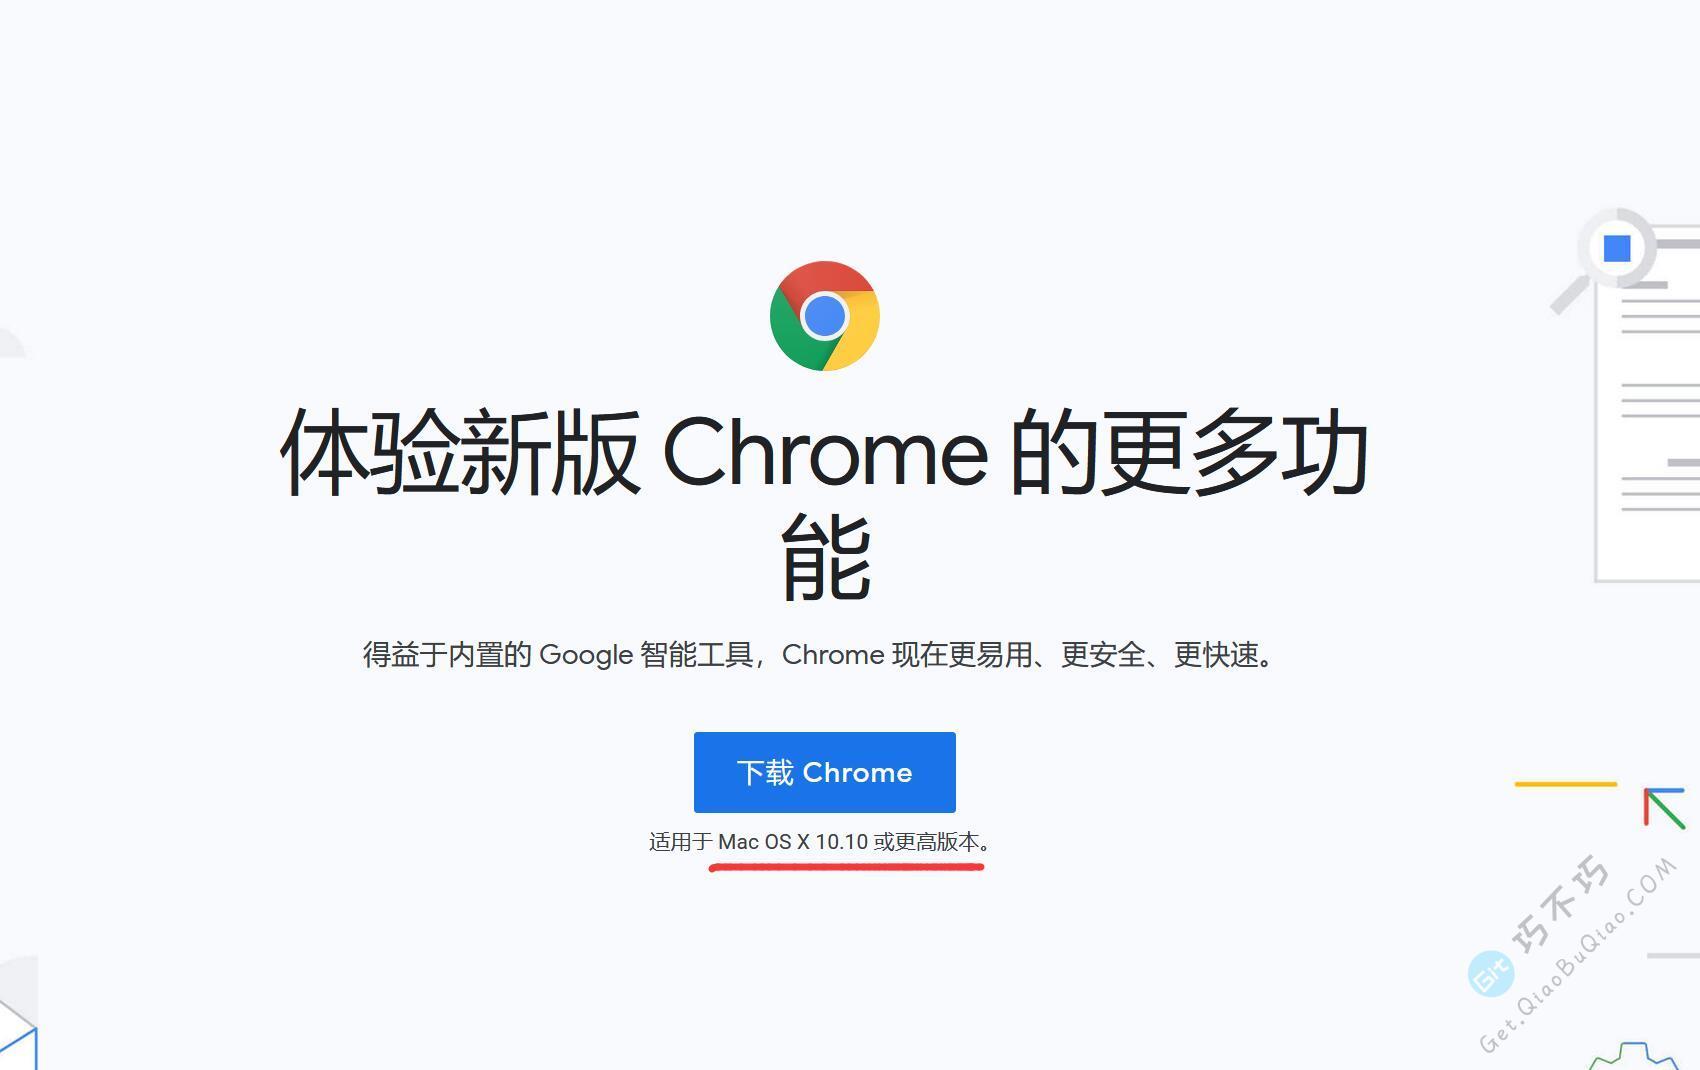 通过Google官方下载Chrome最新版浏览器离线安装包